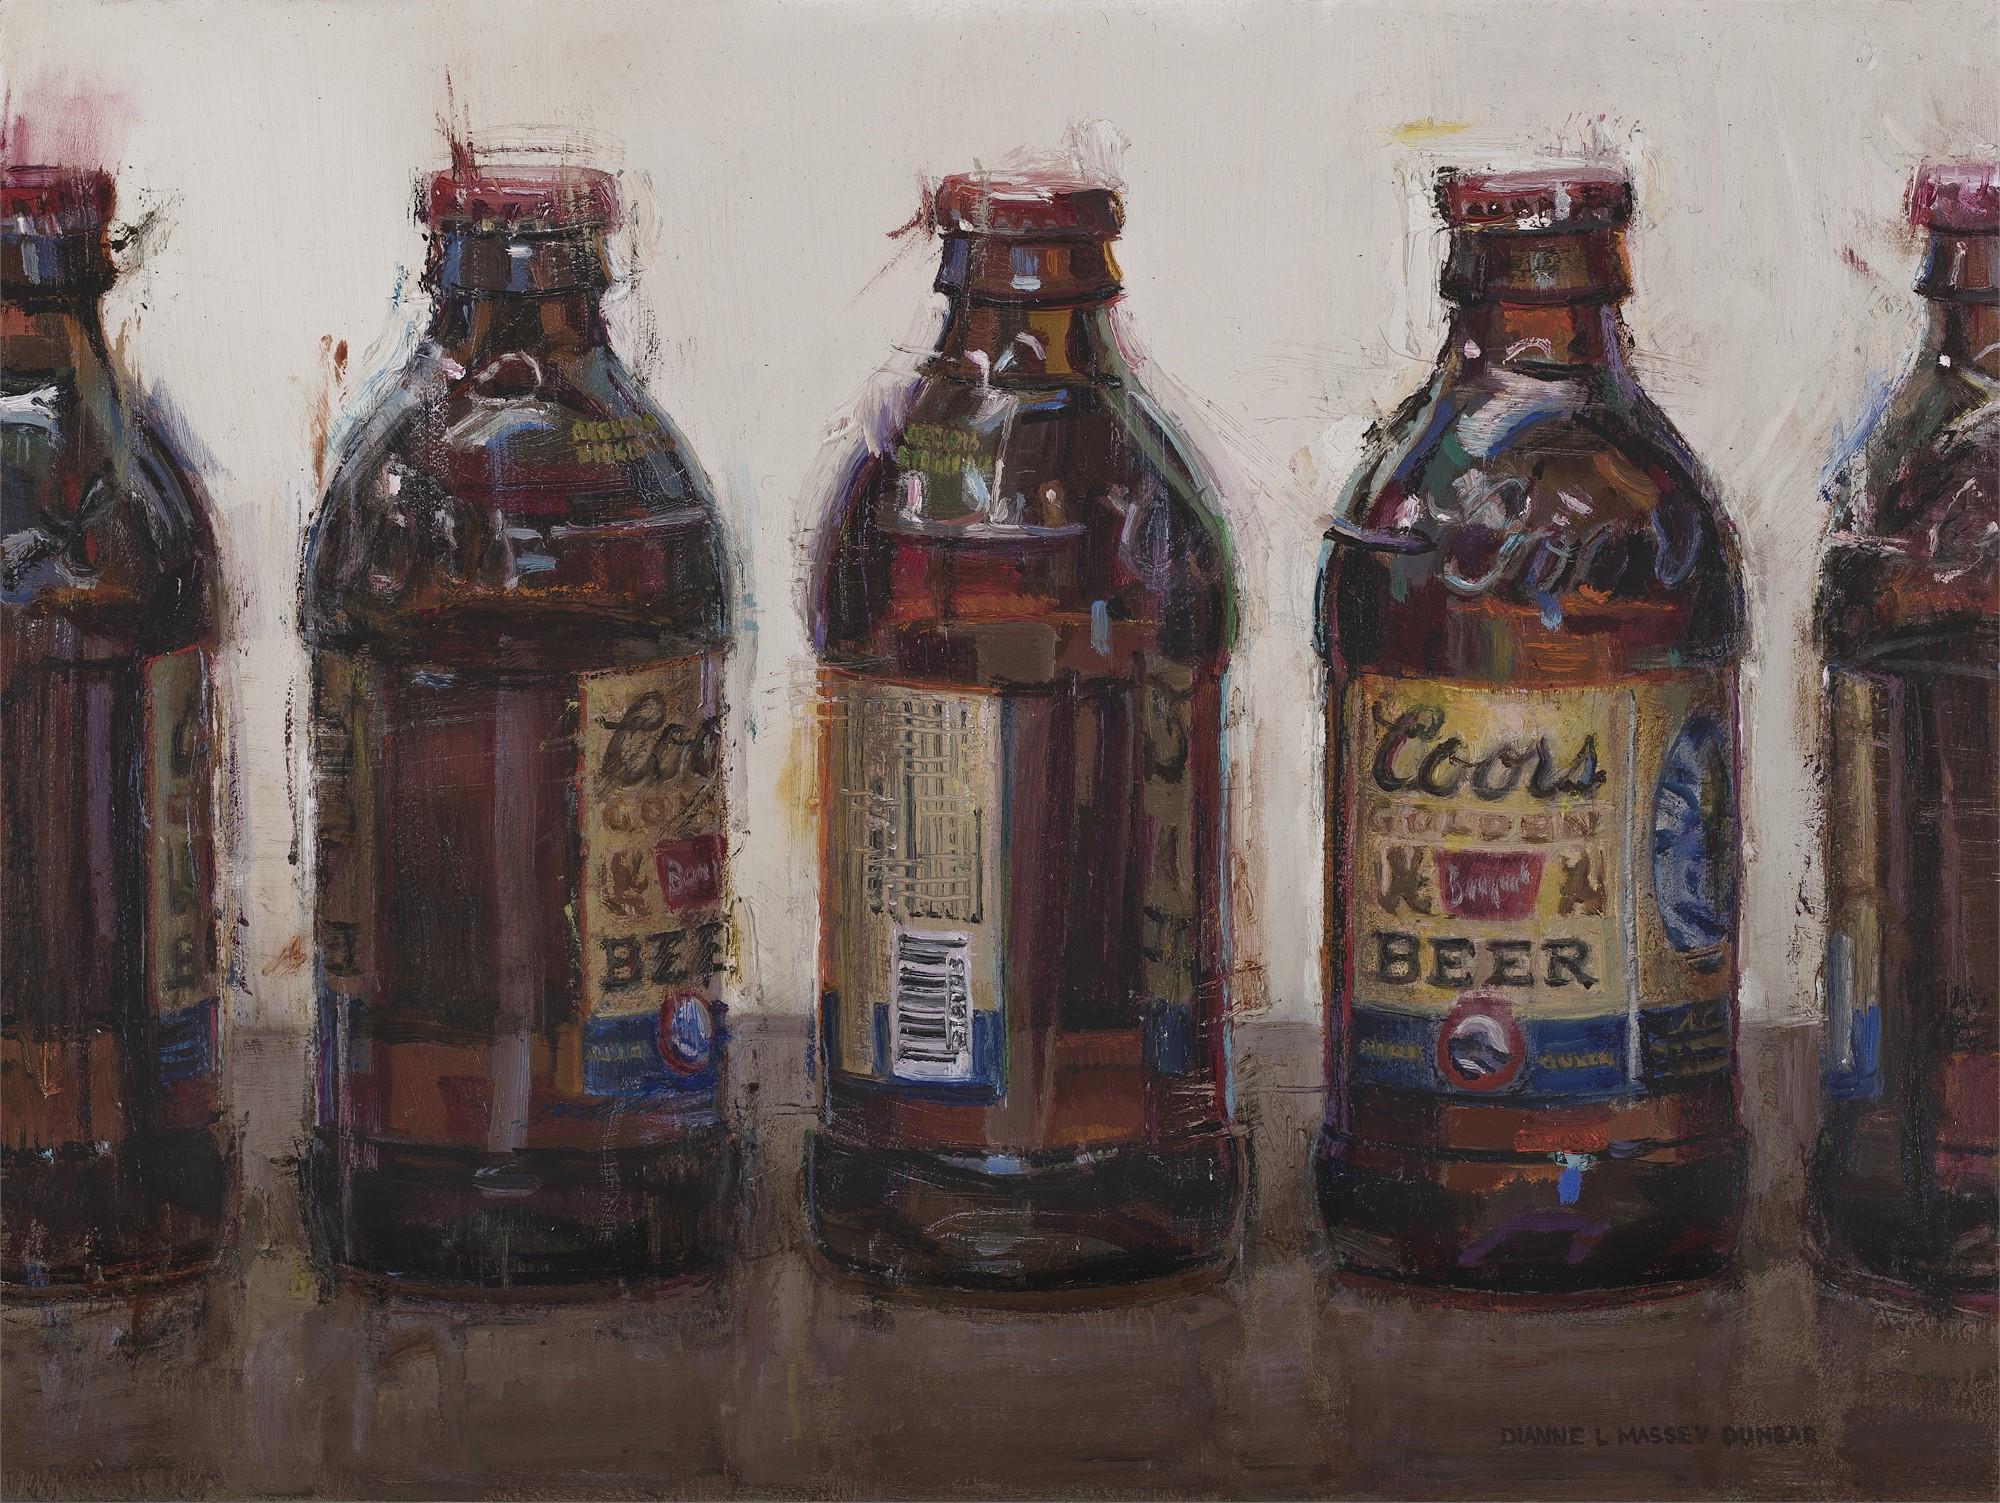 Coors Banquet Bottles by Dianne L Massey Dunbar